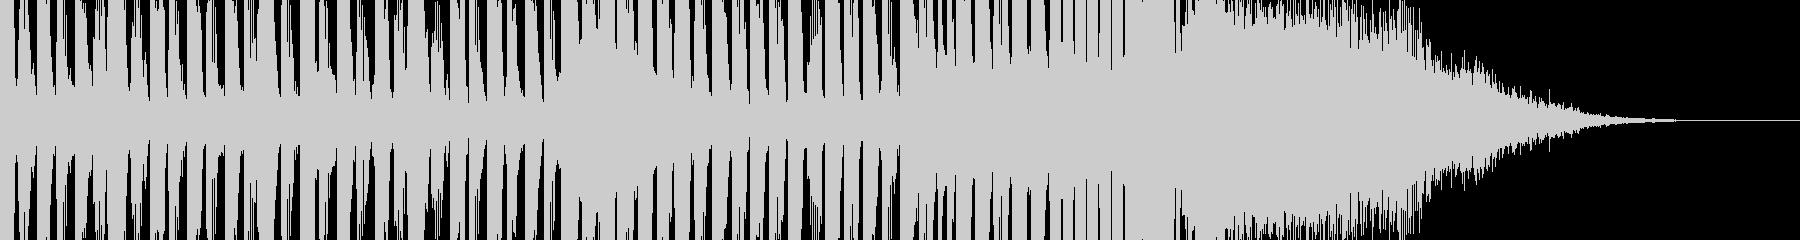 EDM風、上がっていくカッコいいジングルの未再生の波形